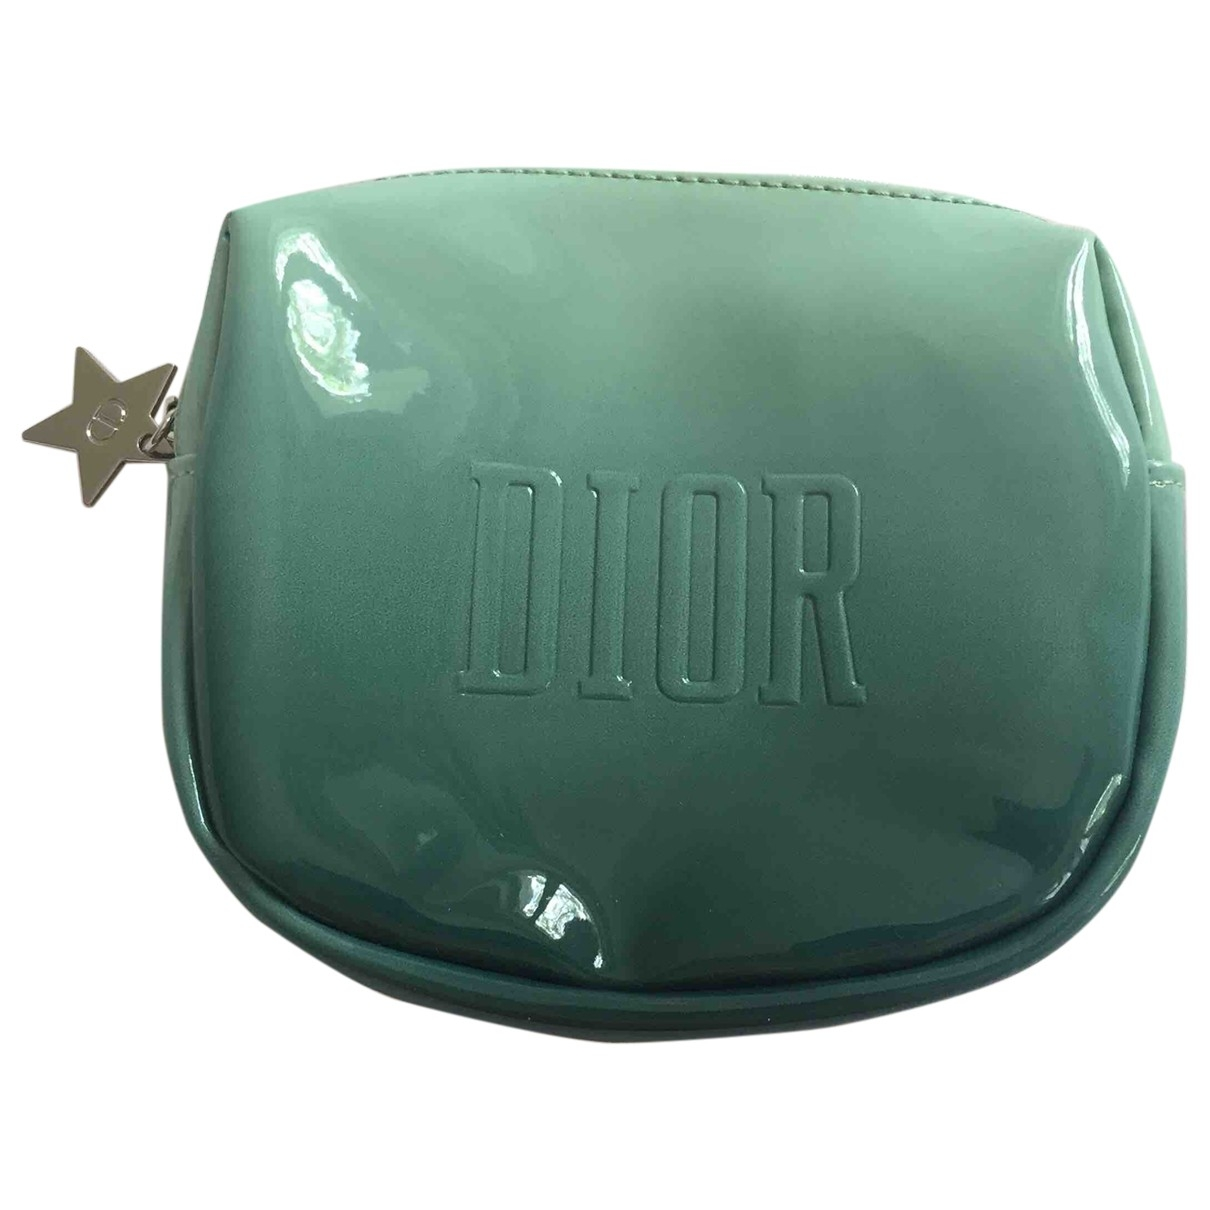 Dior - Sac de voyage   pour femme - vert